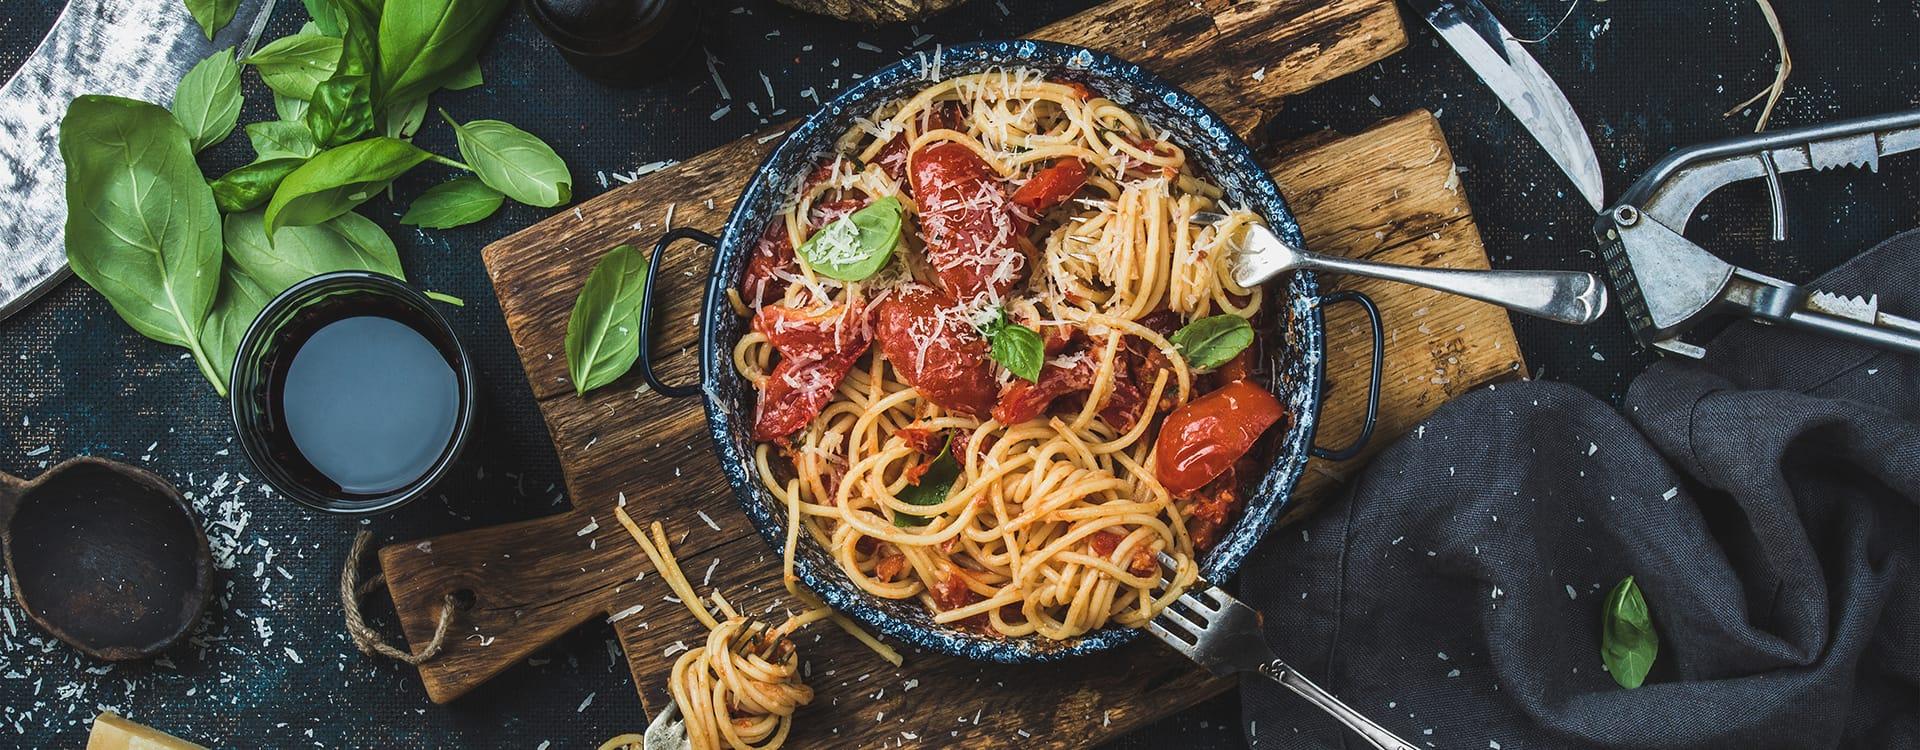 Fullkornspasta inneholder i gjennomsnitt dobbelt så mye fiber som vanlig pasta.